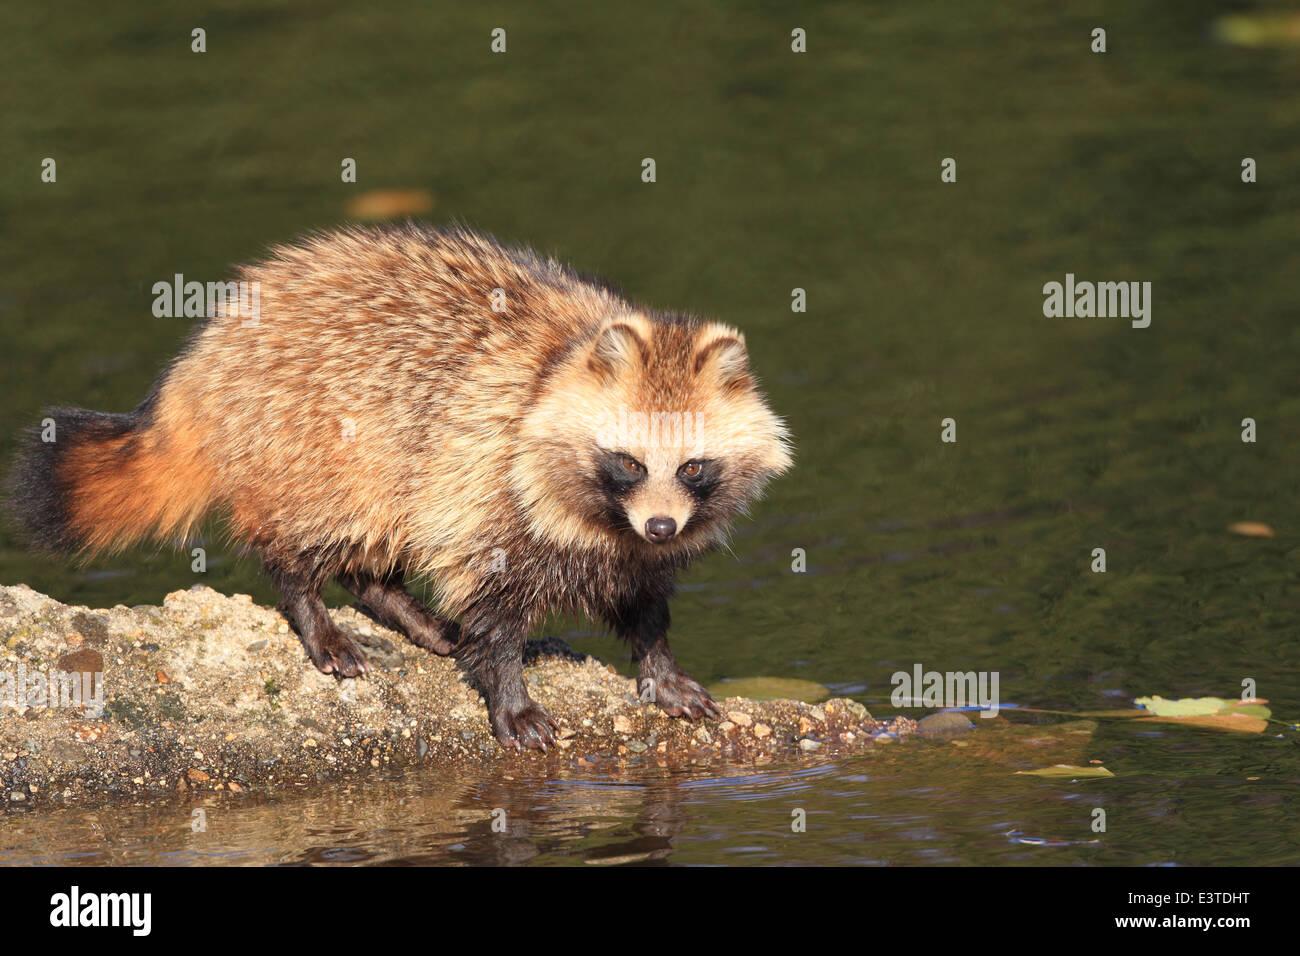 Raccoon Dog Japan Stock Photos & Raccoon Dog Japan Stock Images - Alamy